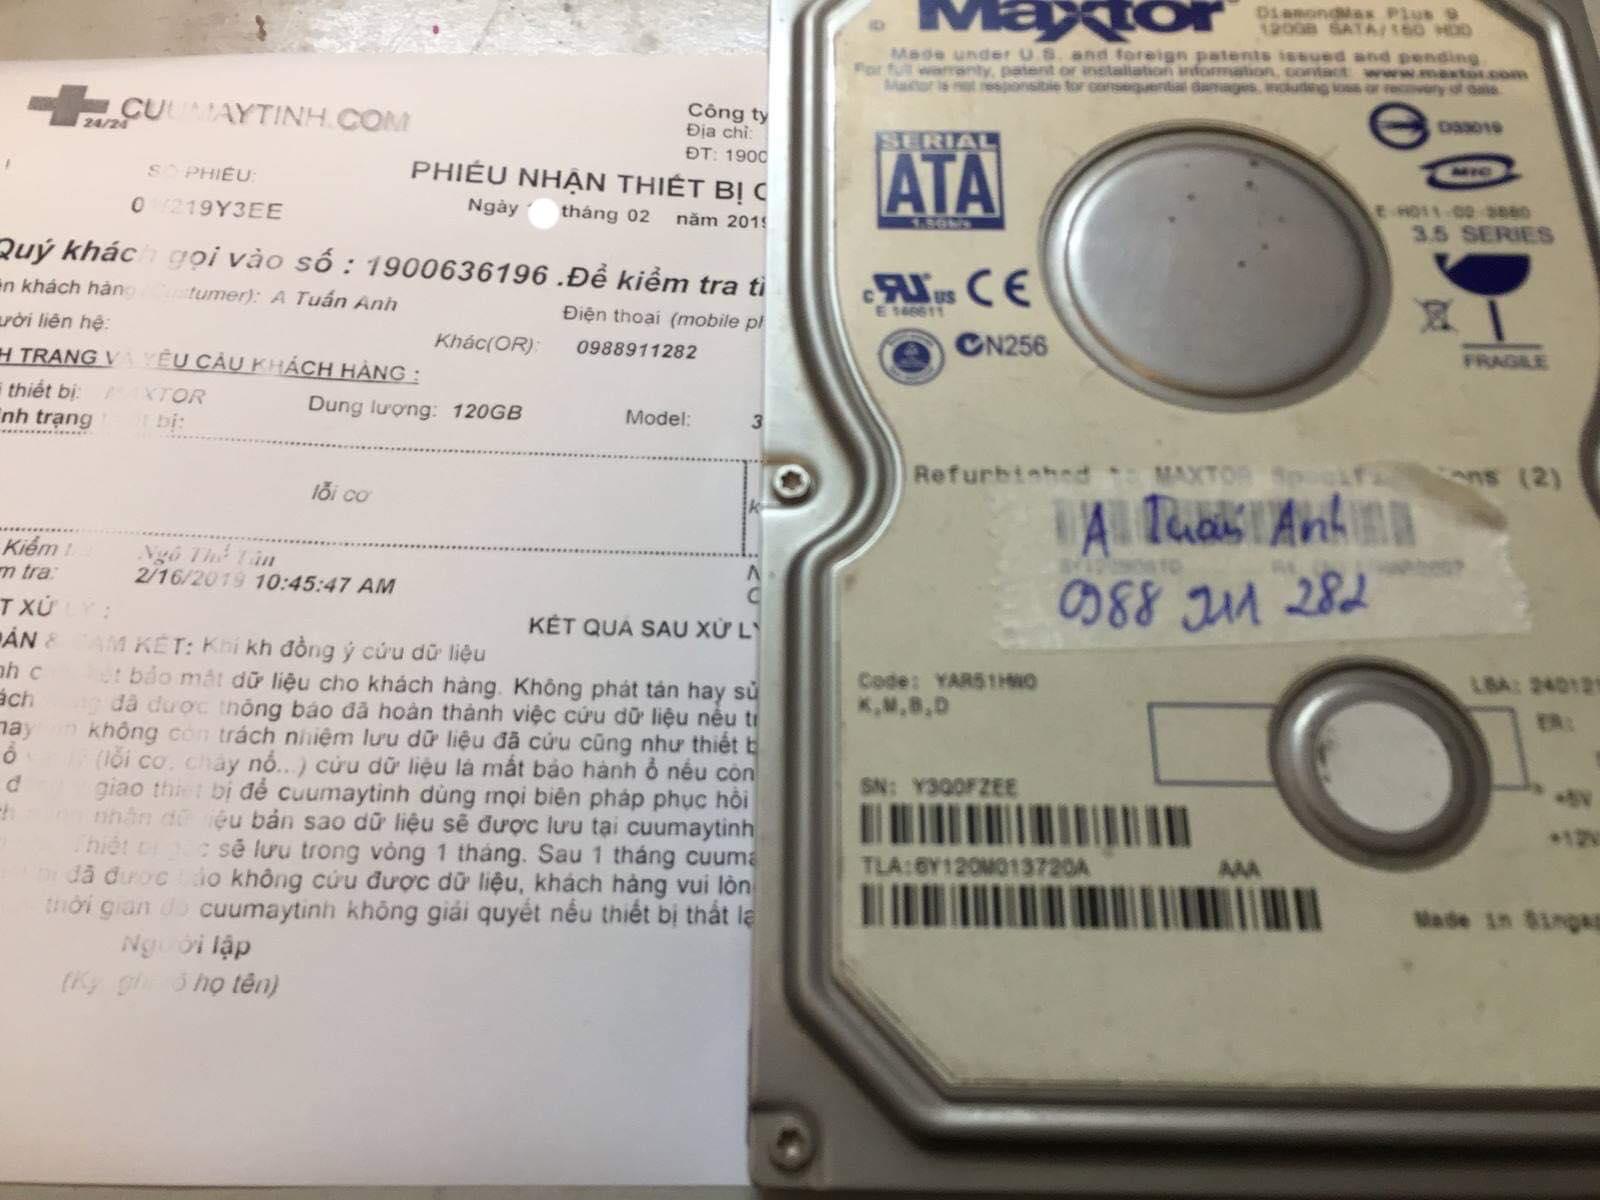 Phục hồi dữ liệu ỏ cứng Maxtor 120GB lỗi cơ 19/02/2019 - cuumaytinh